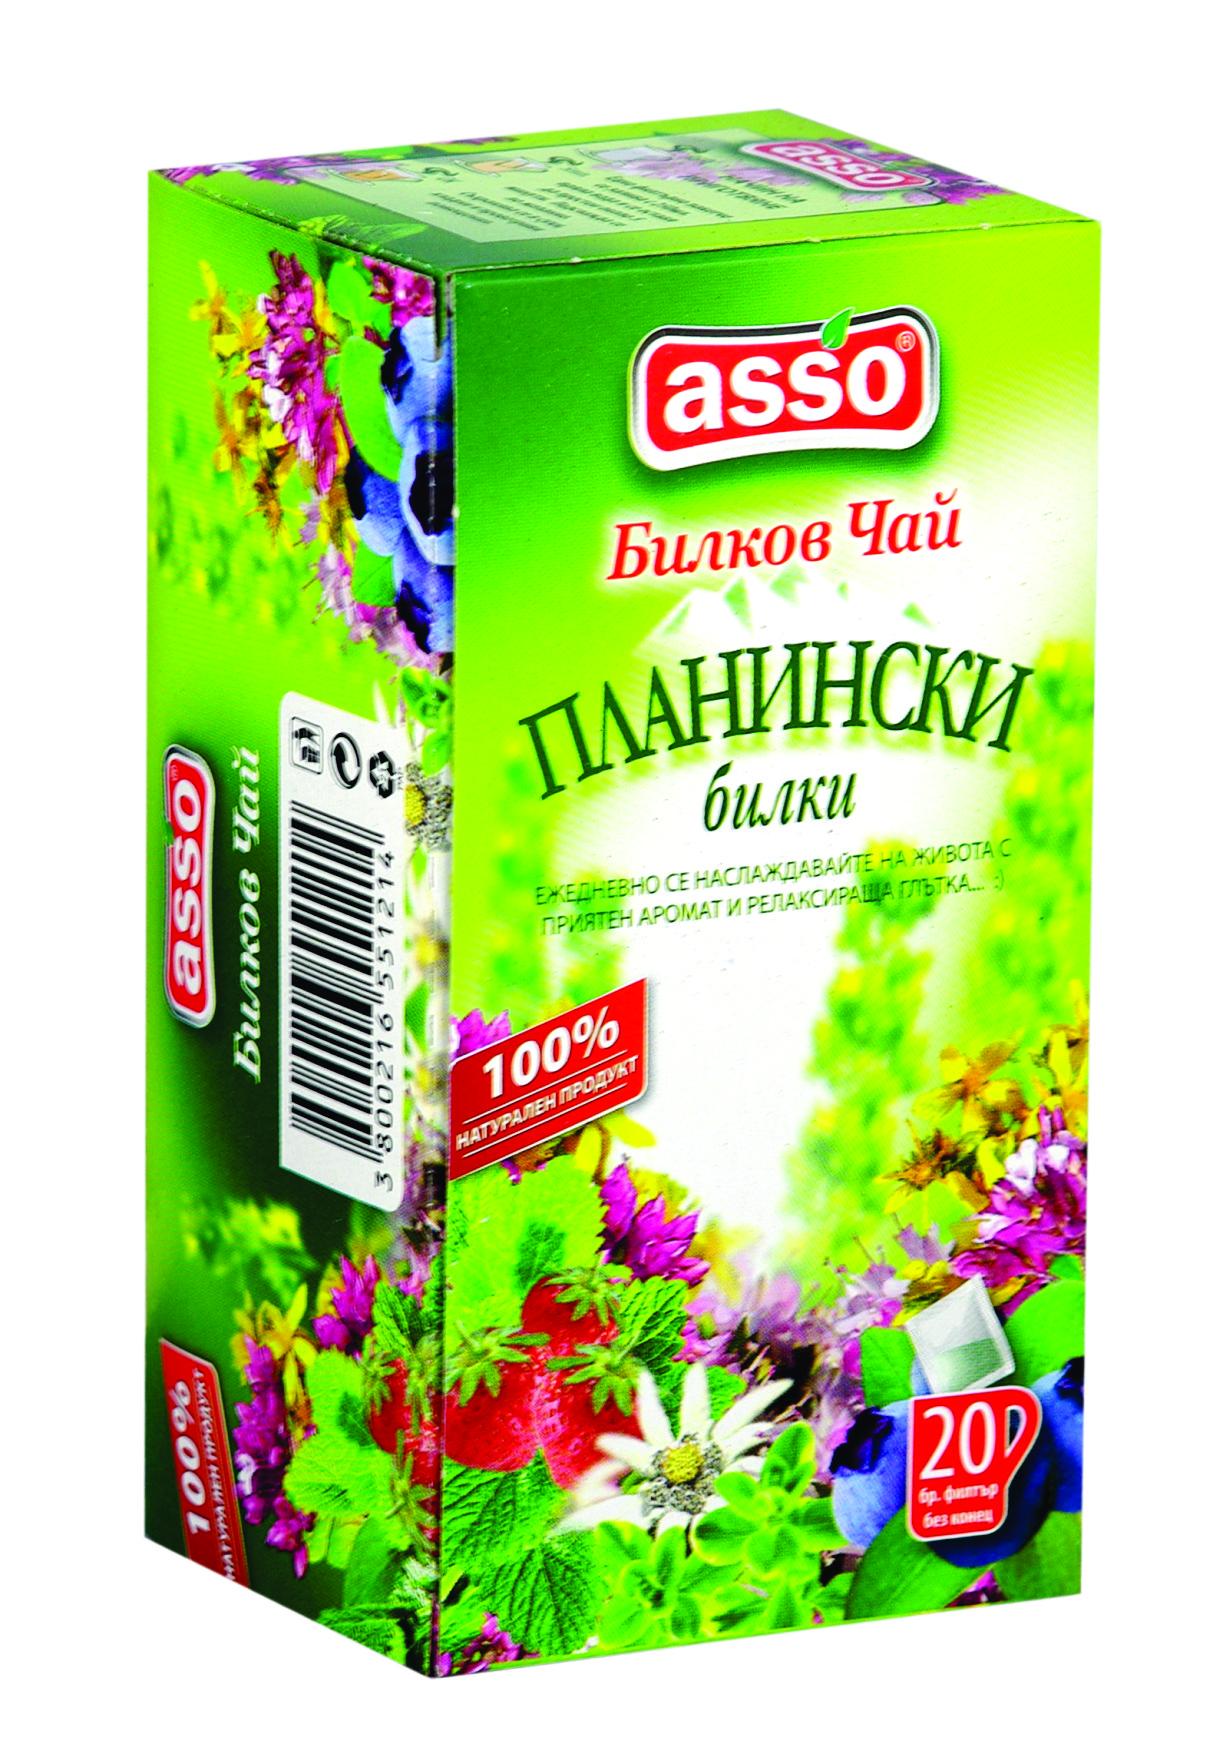 Билков чай Планински билки